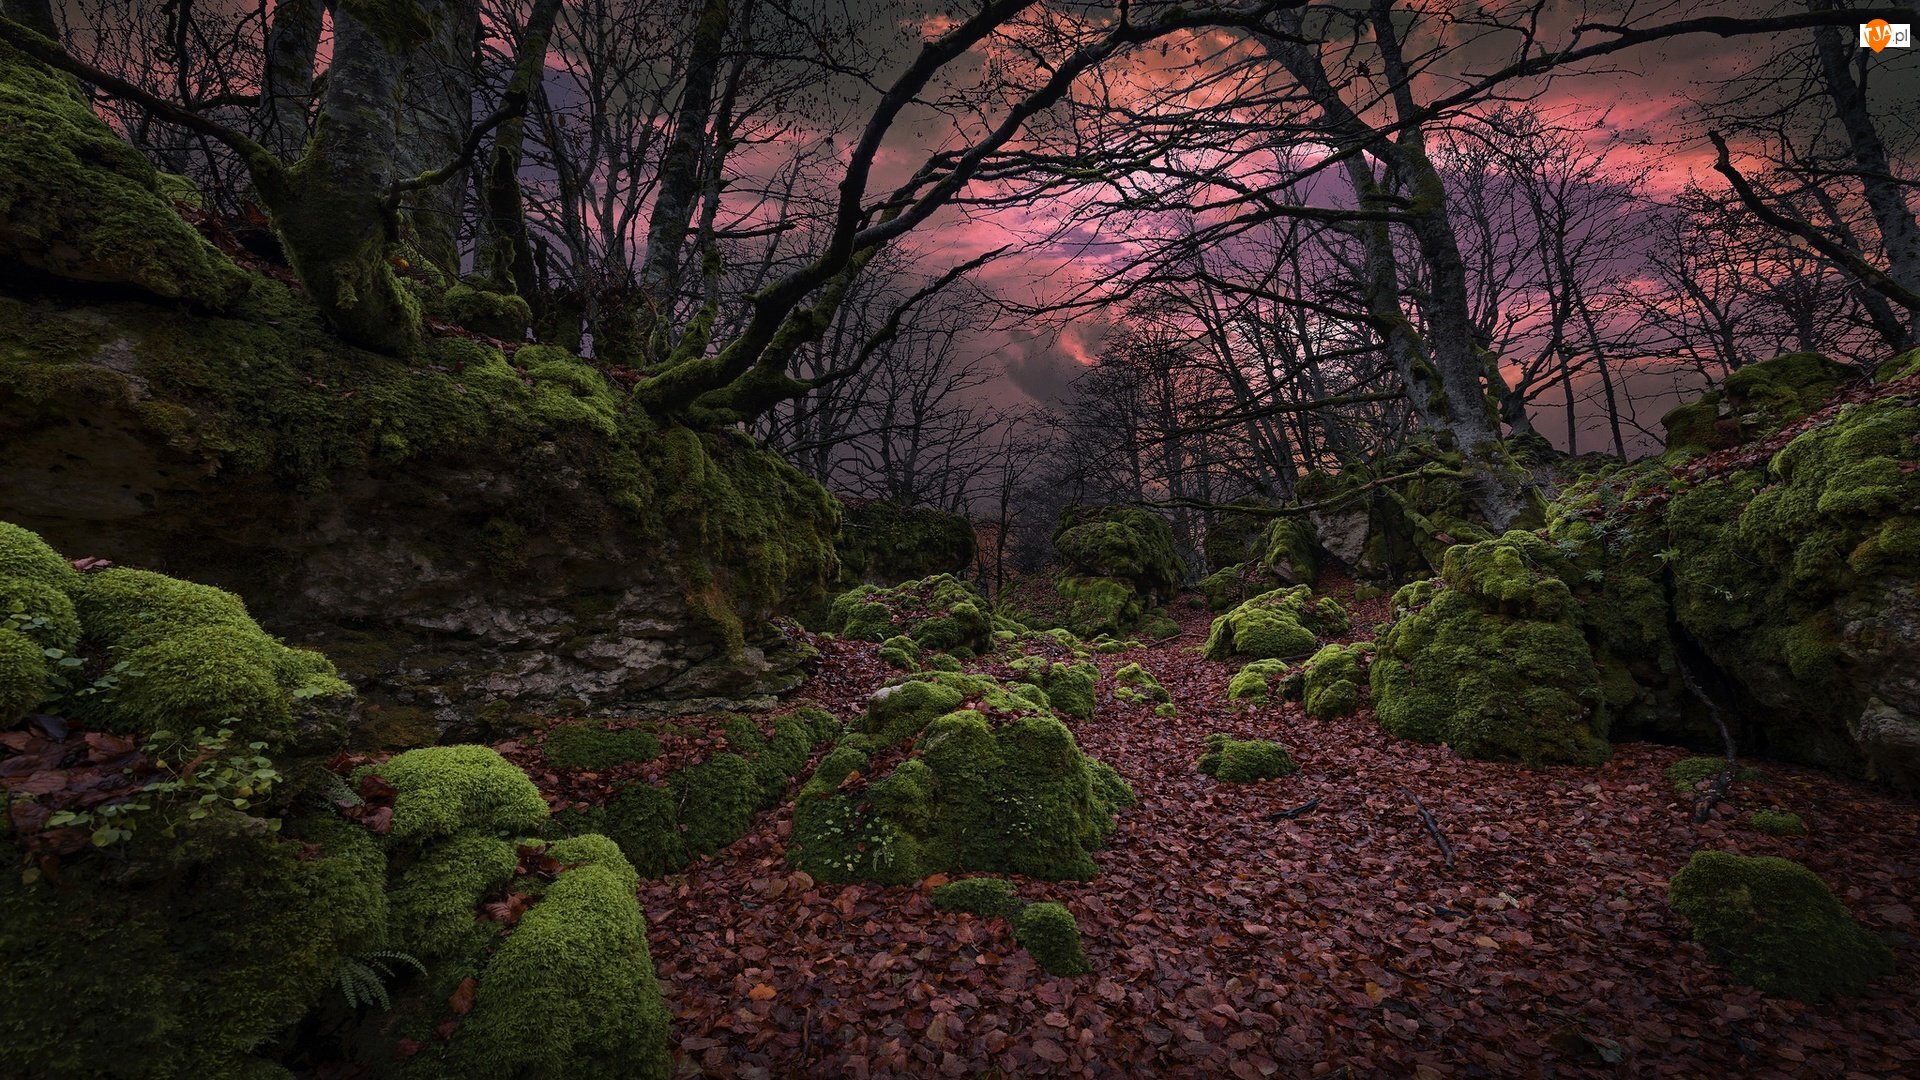 Omszałe, Las, Skały, Liście, Kamienie, Drzewa